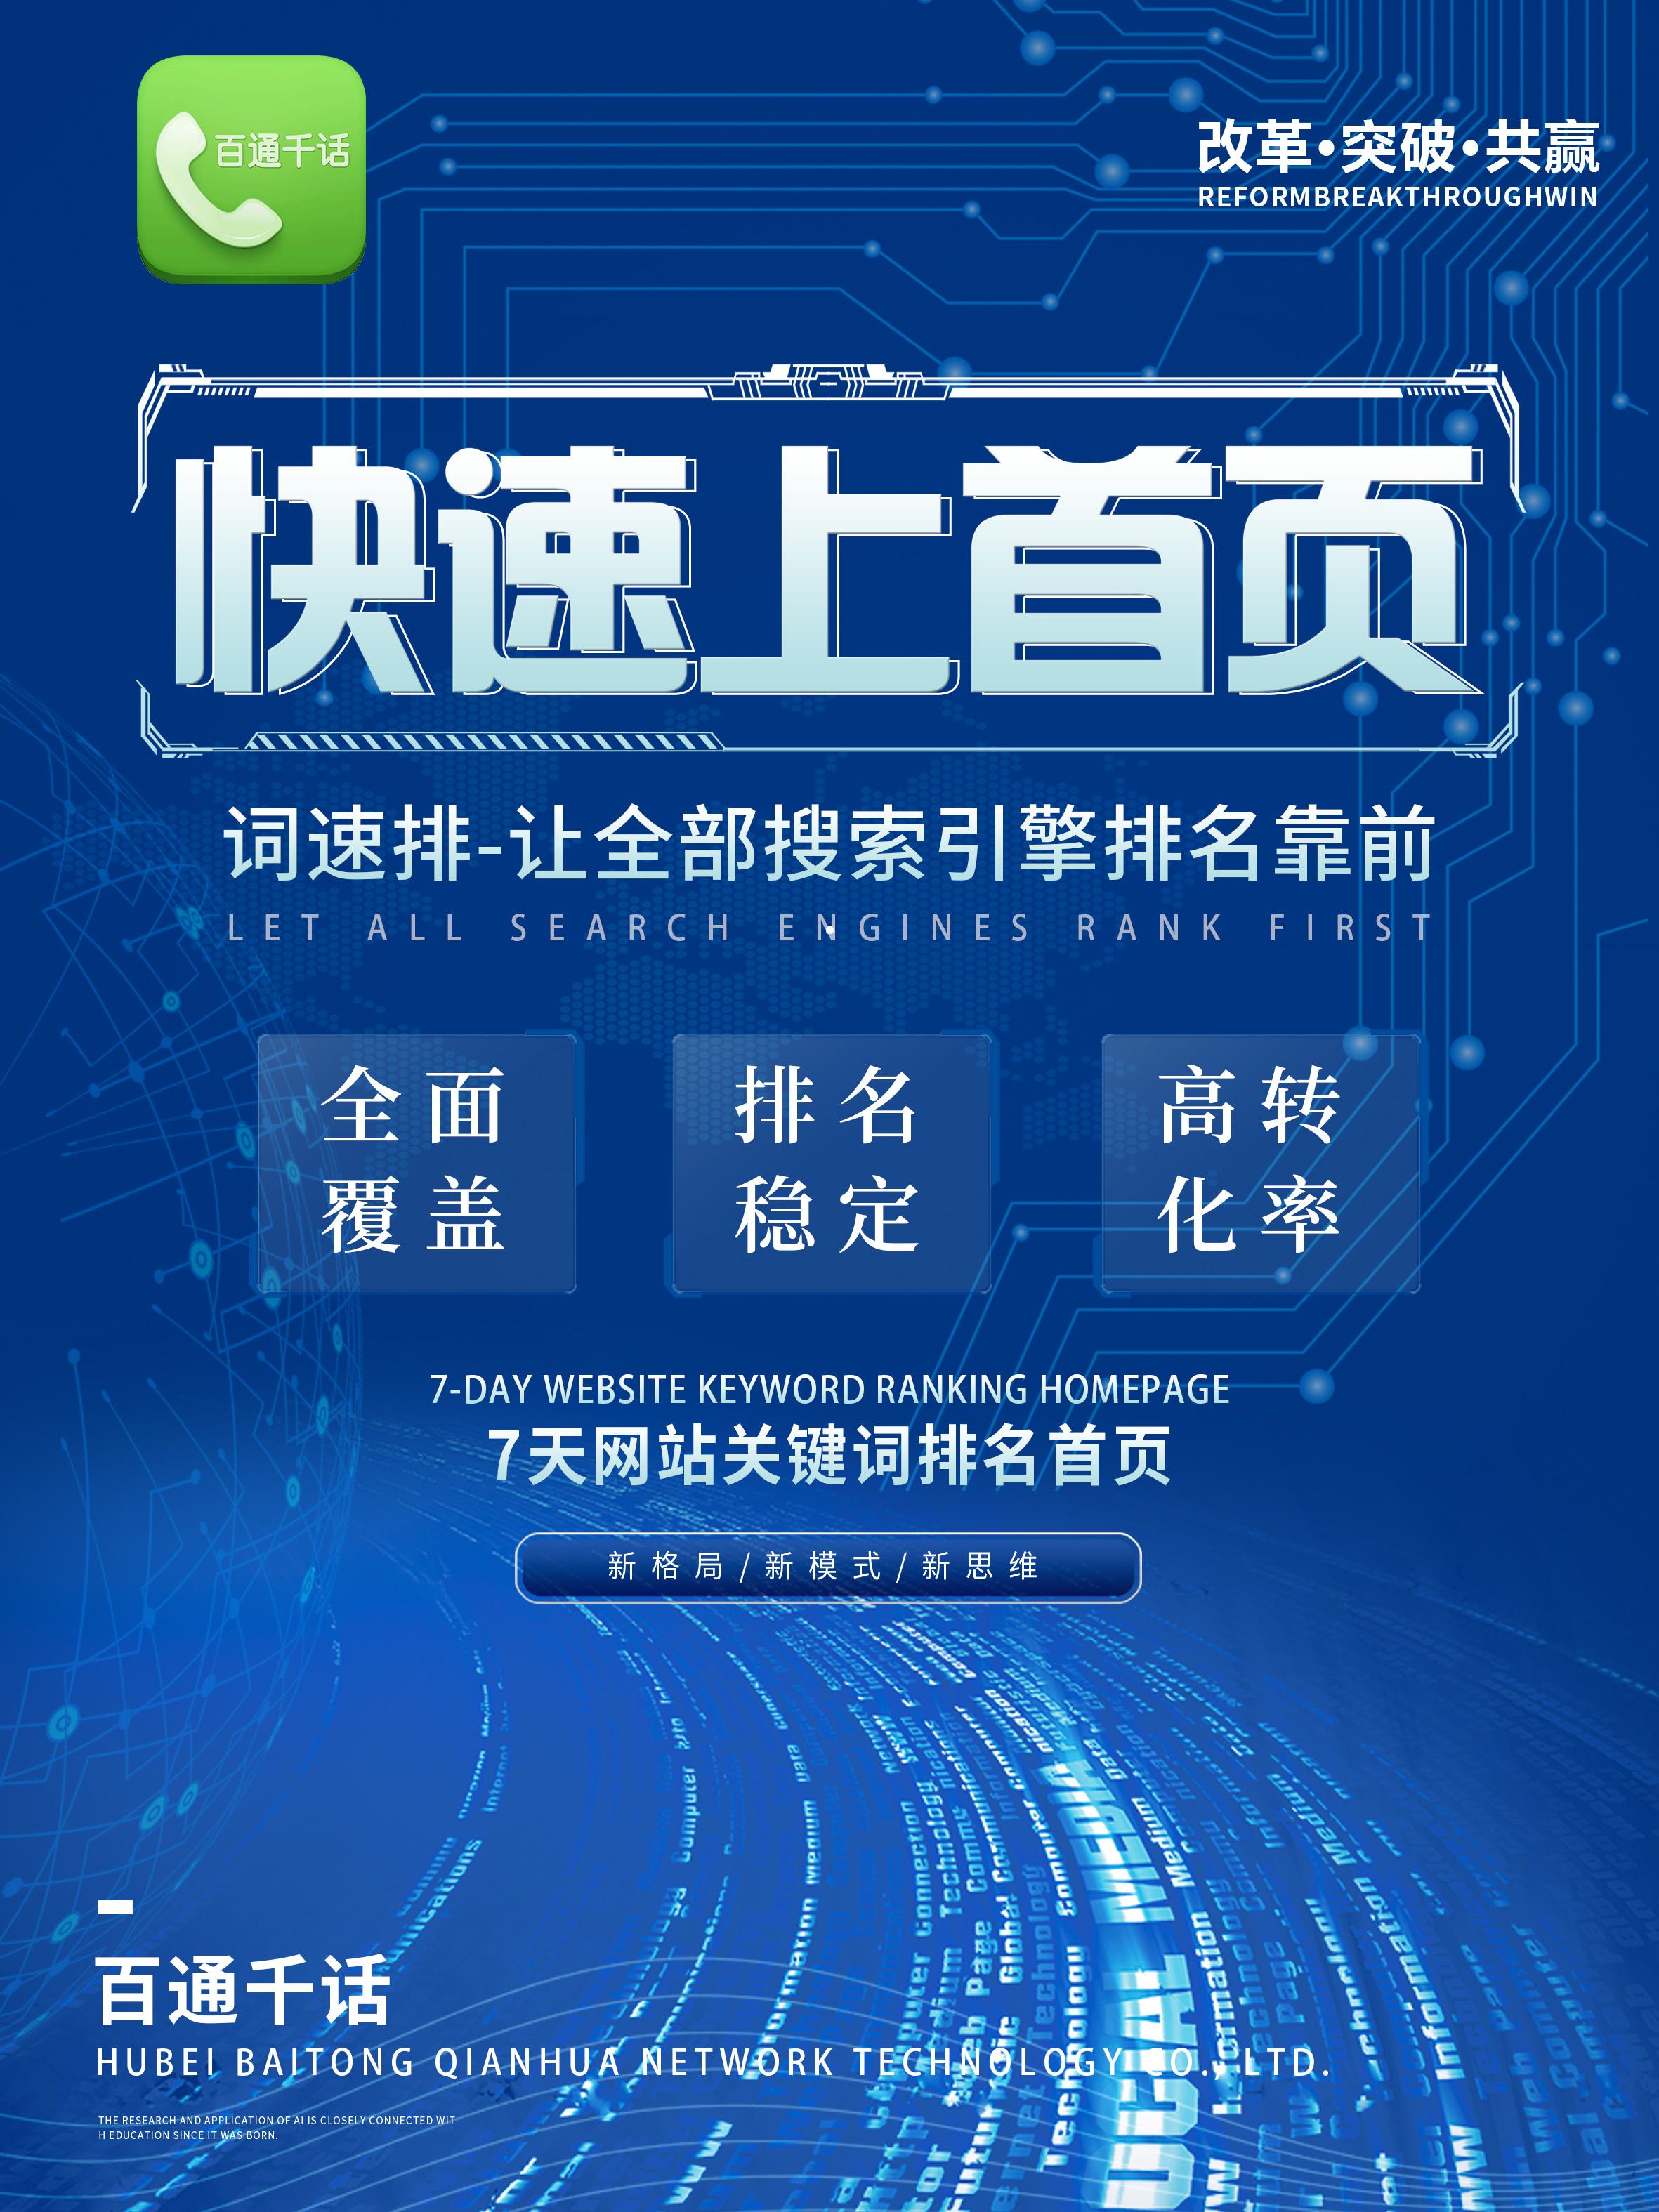 武汉_湖北百通千话网络科技有限公司